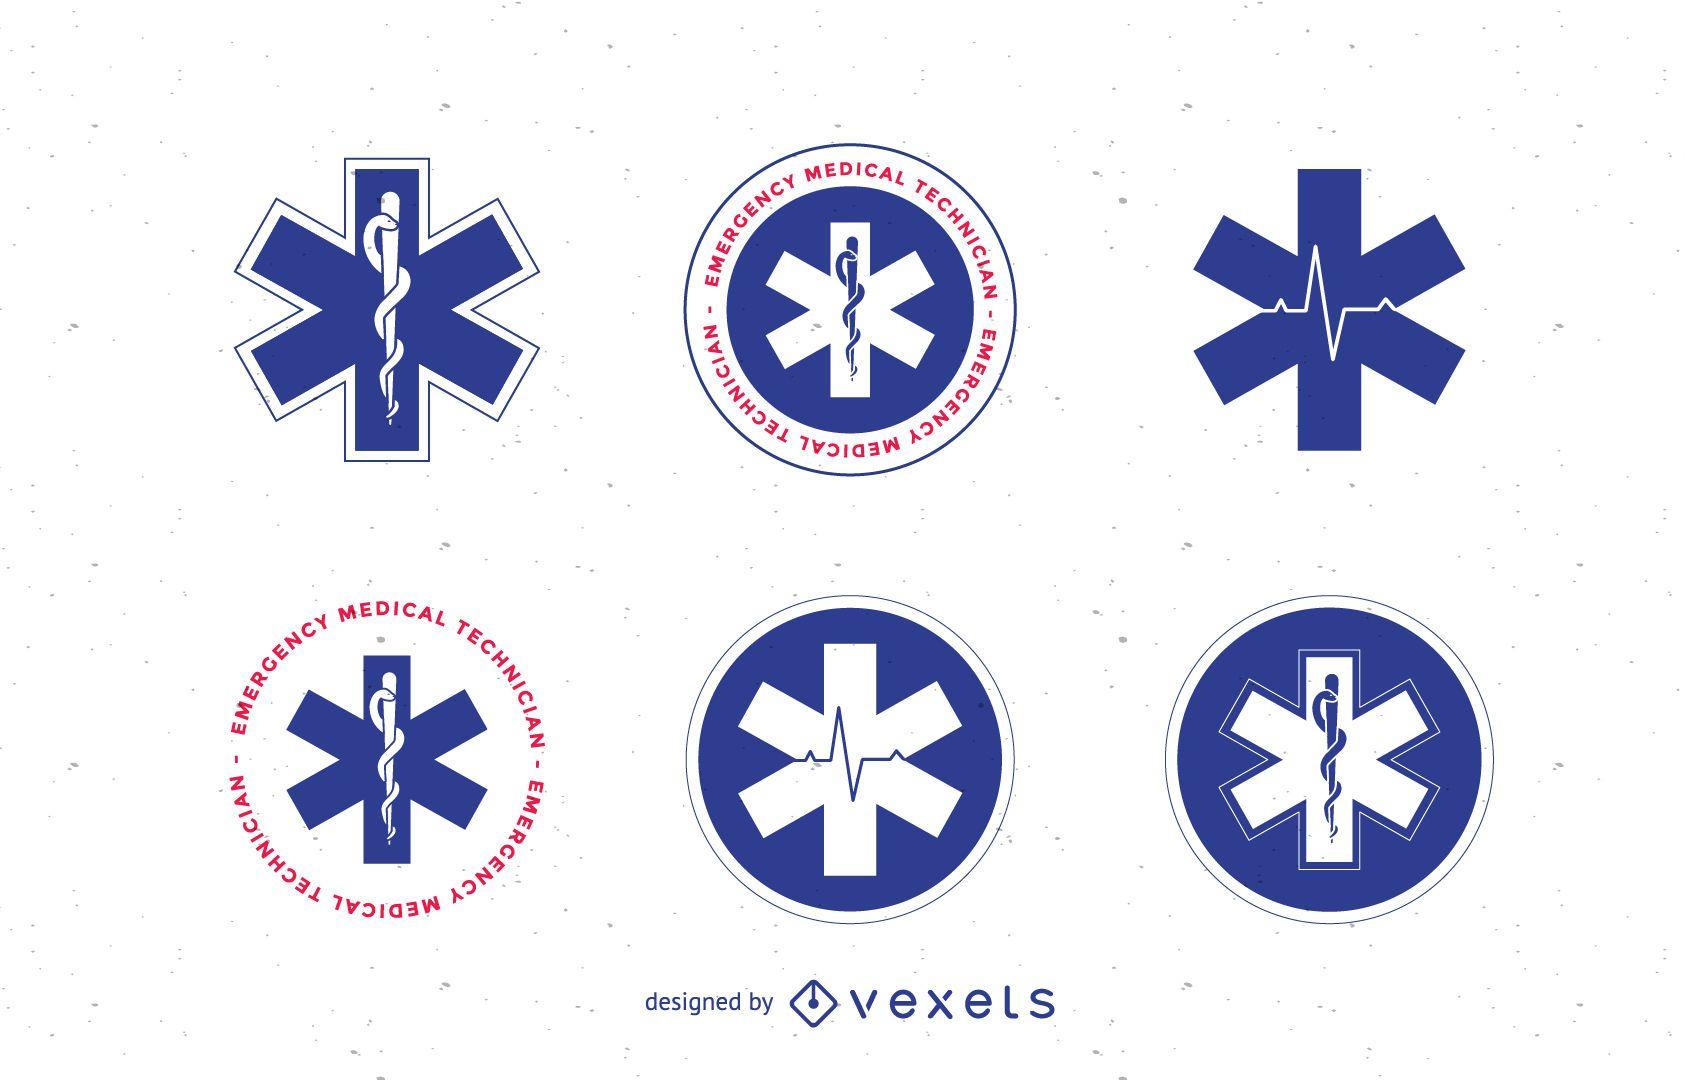 Conjunto de plantillas de logotipo médico y de emergencia